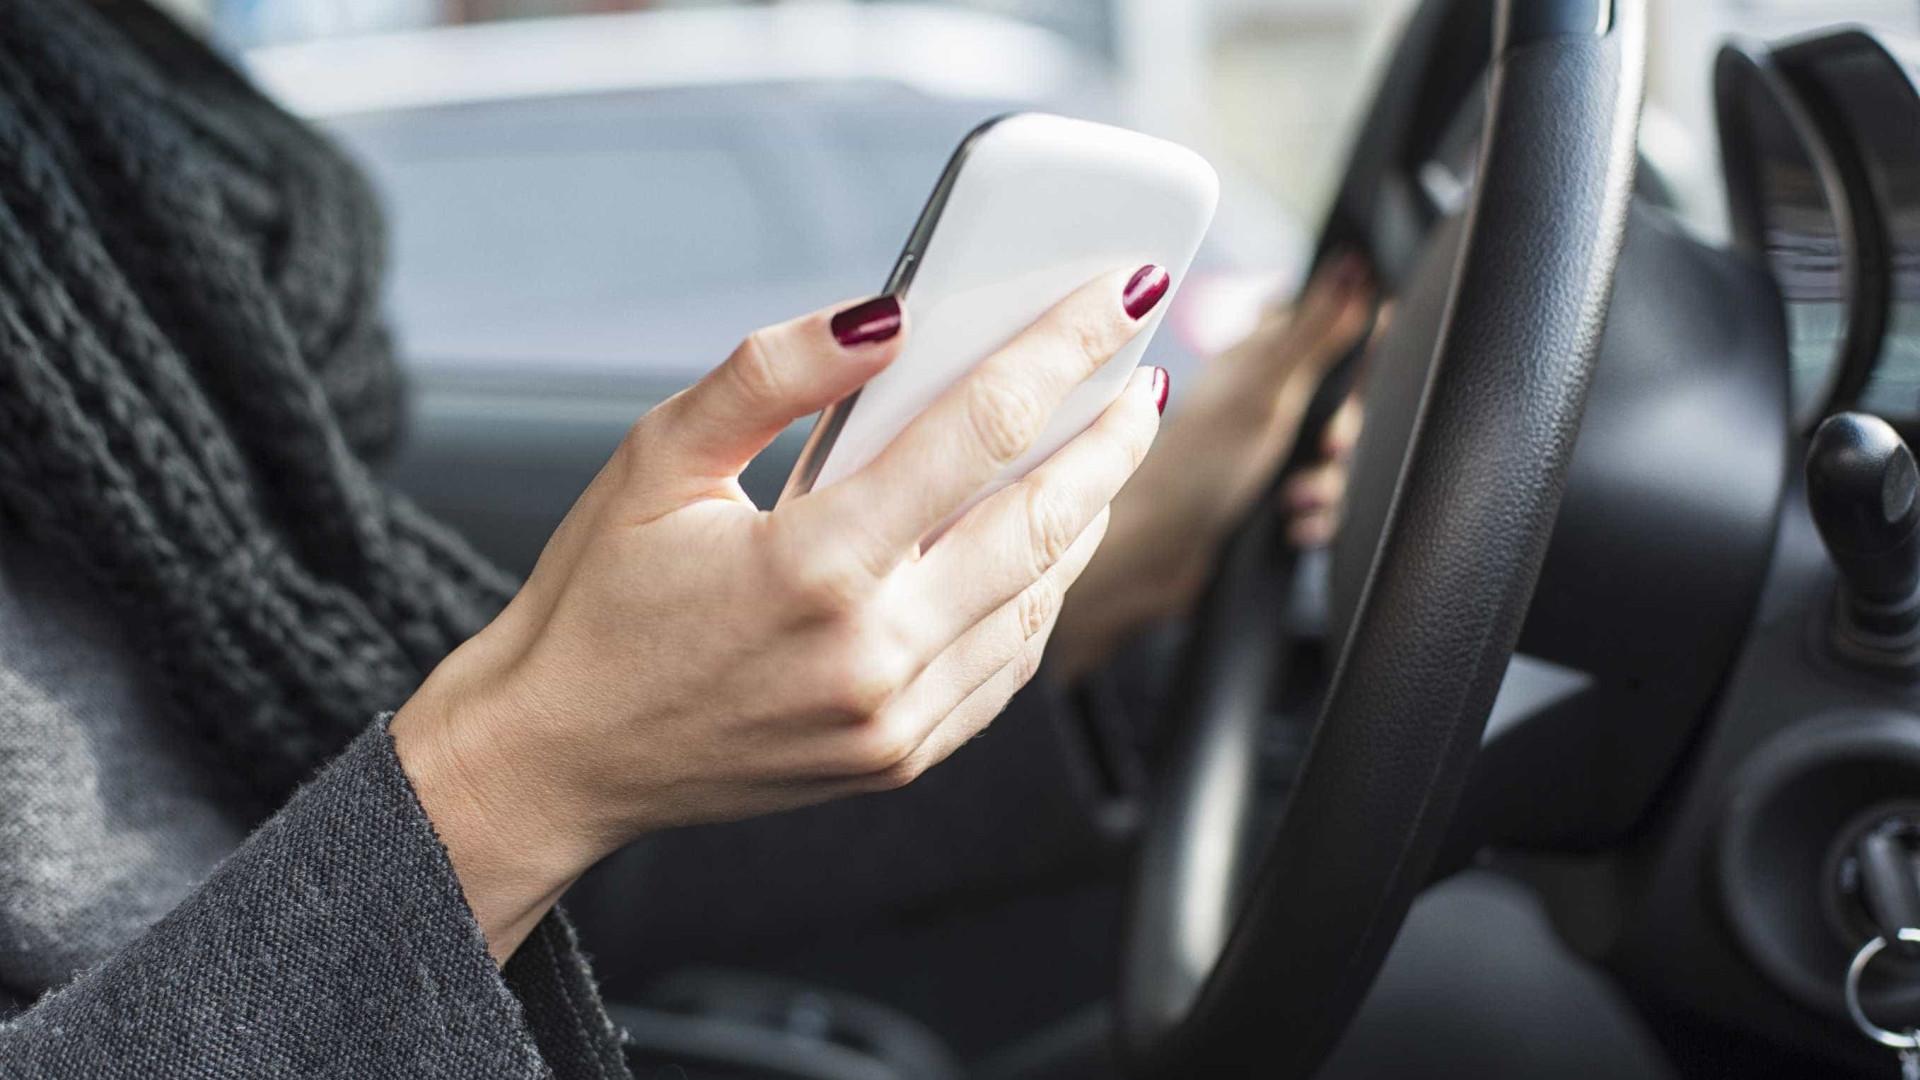 Em caso de acidente, já pode fazer declaração amigável no smartphone